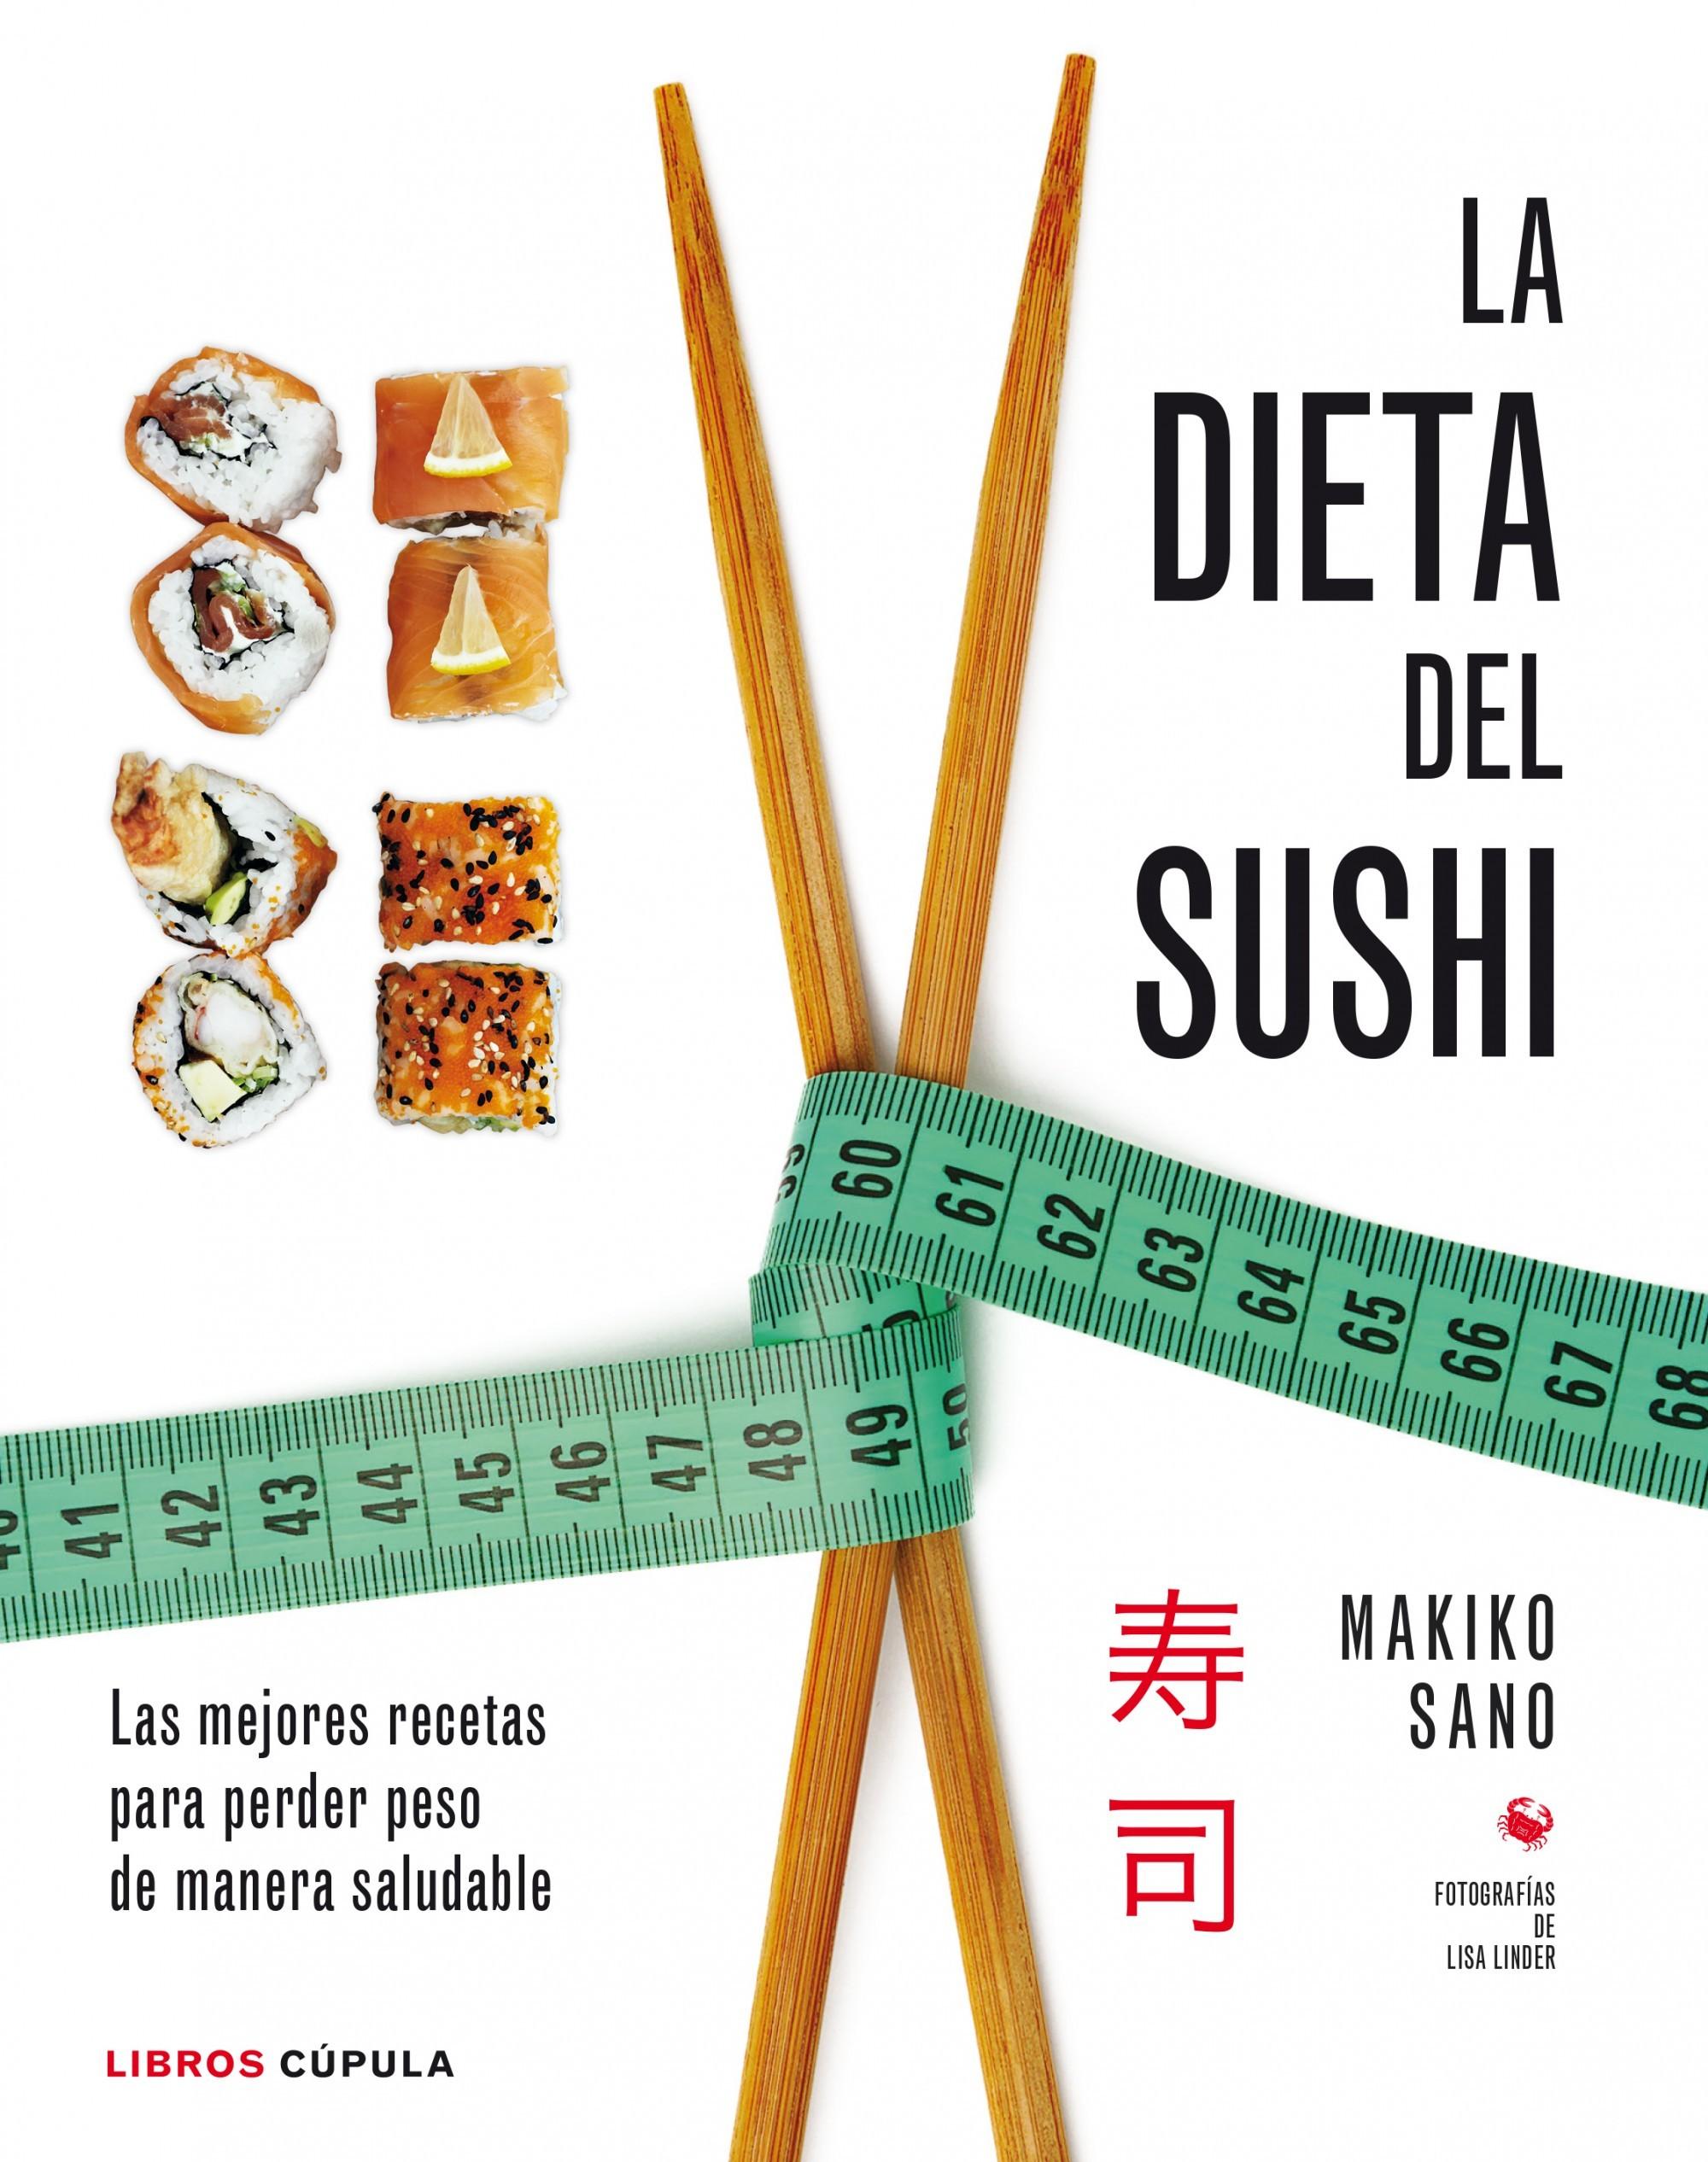 La Dieta del Sushi, de Makiko Sano